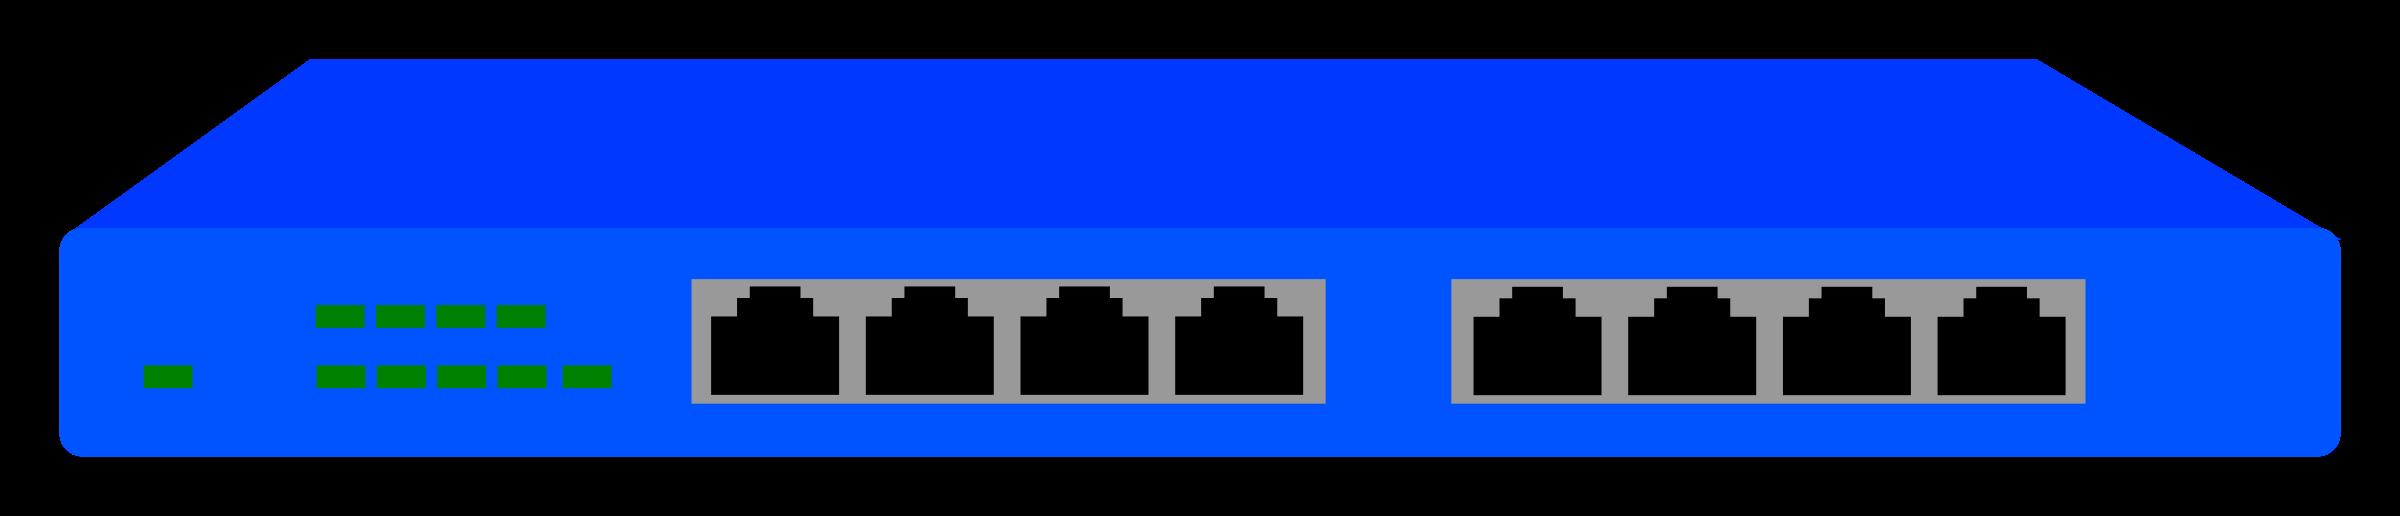 vector Netgear fs p big. Switch clipart